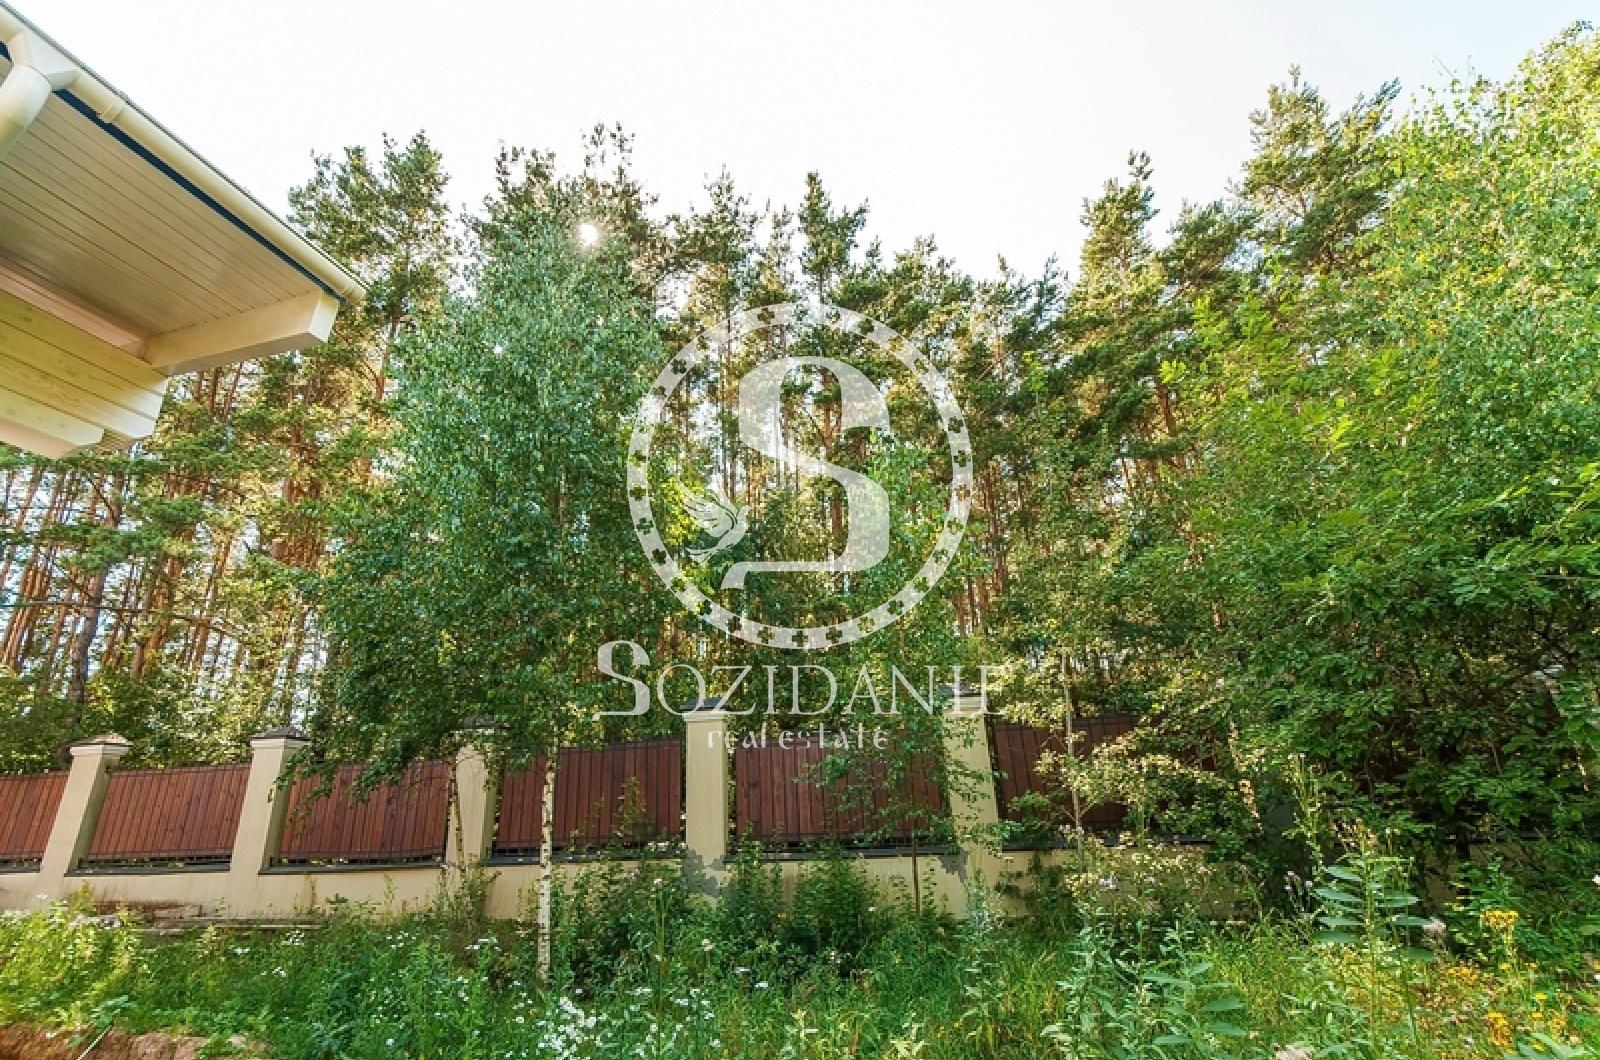 Загородная, Продажа, Listing ID 1415, Московская область, Россия,